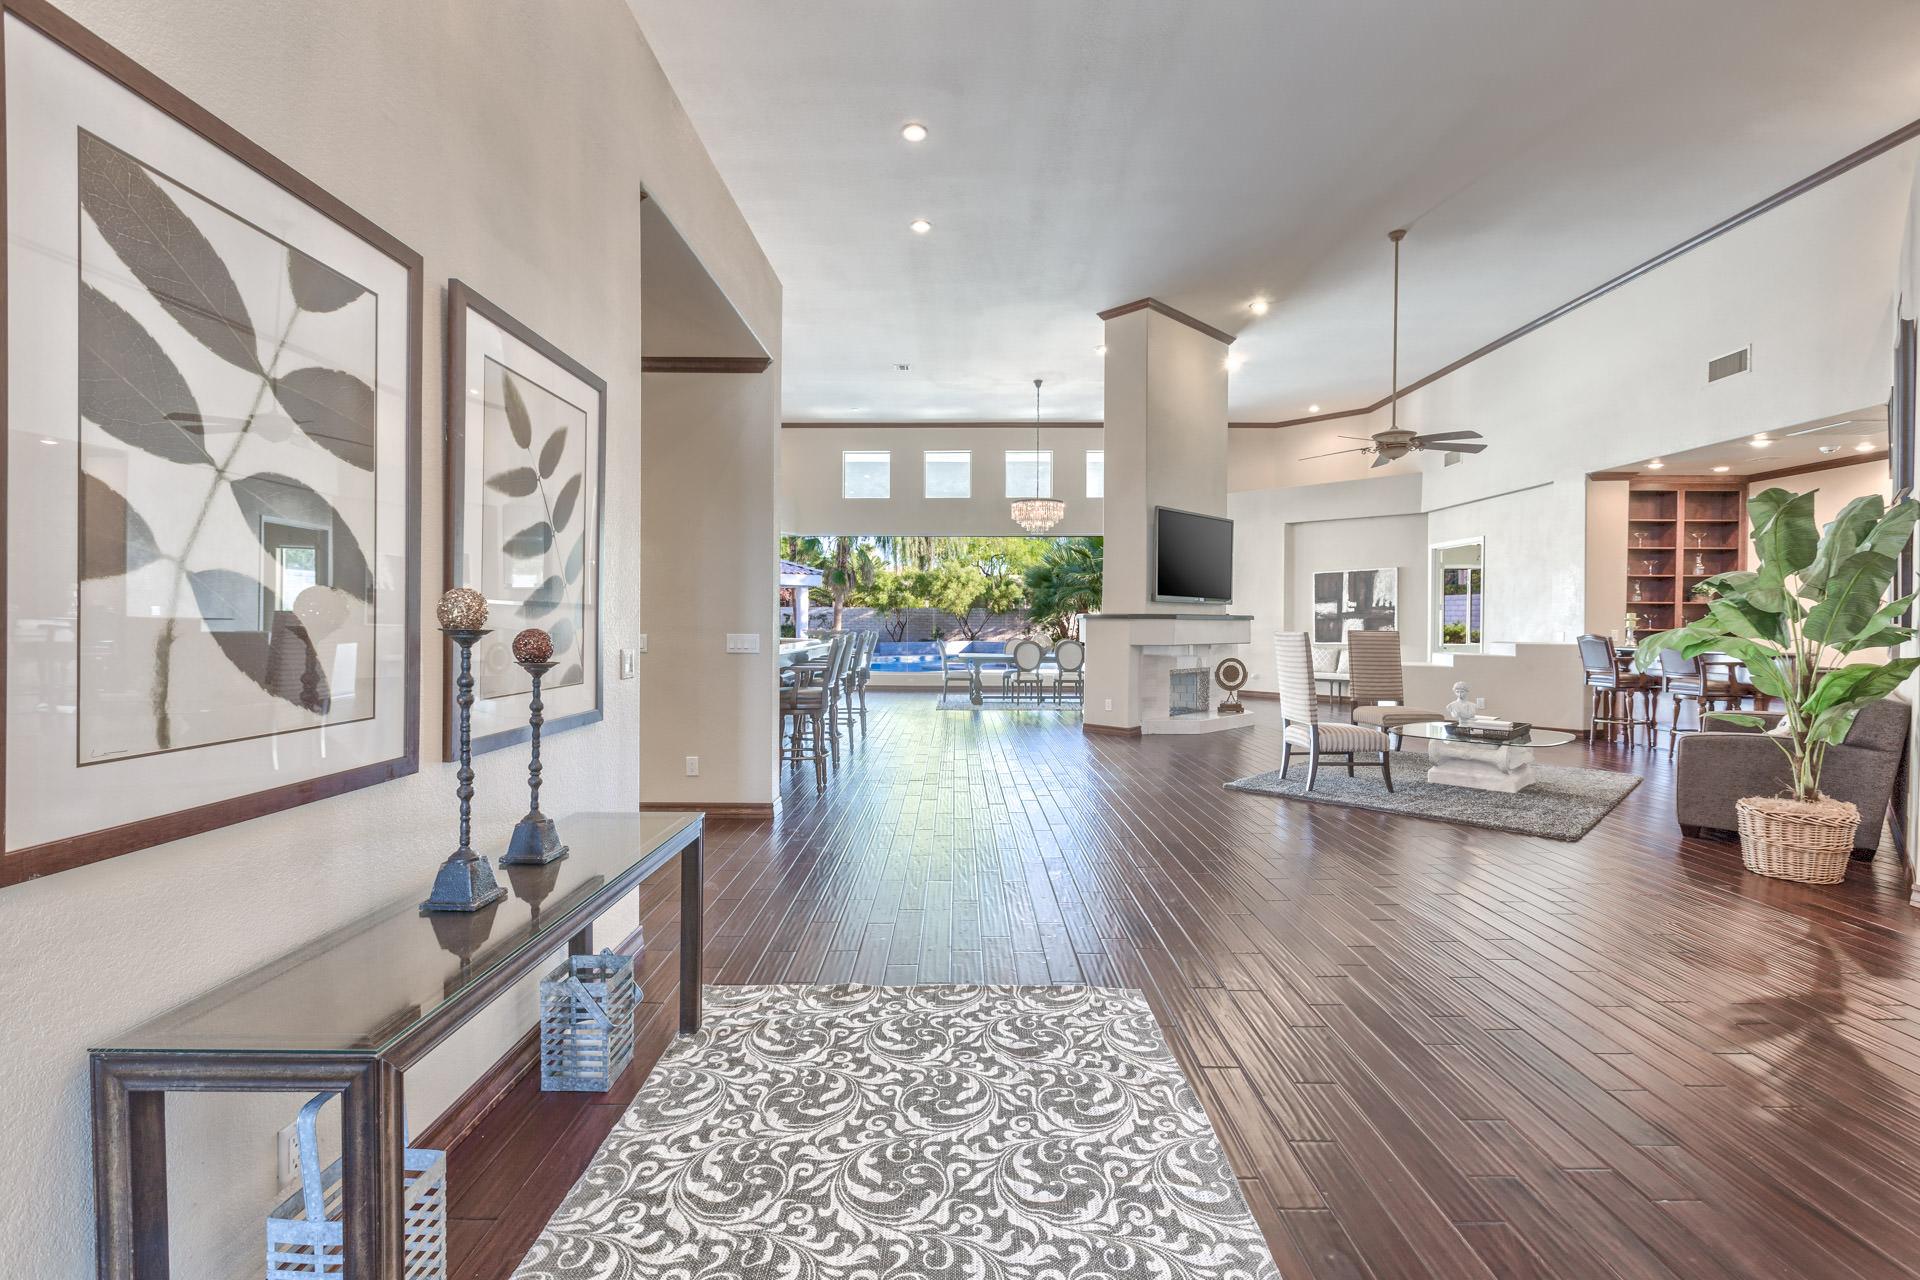 ten oaks las vegas homes for sale. Black Bedroom Furniture Sets. Home Design Ideas